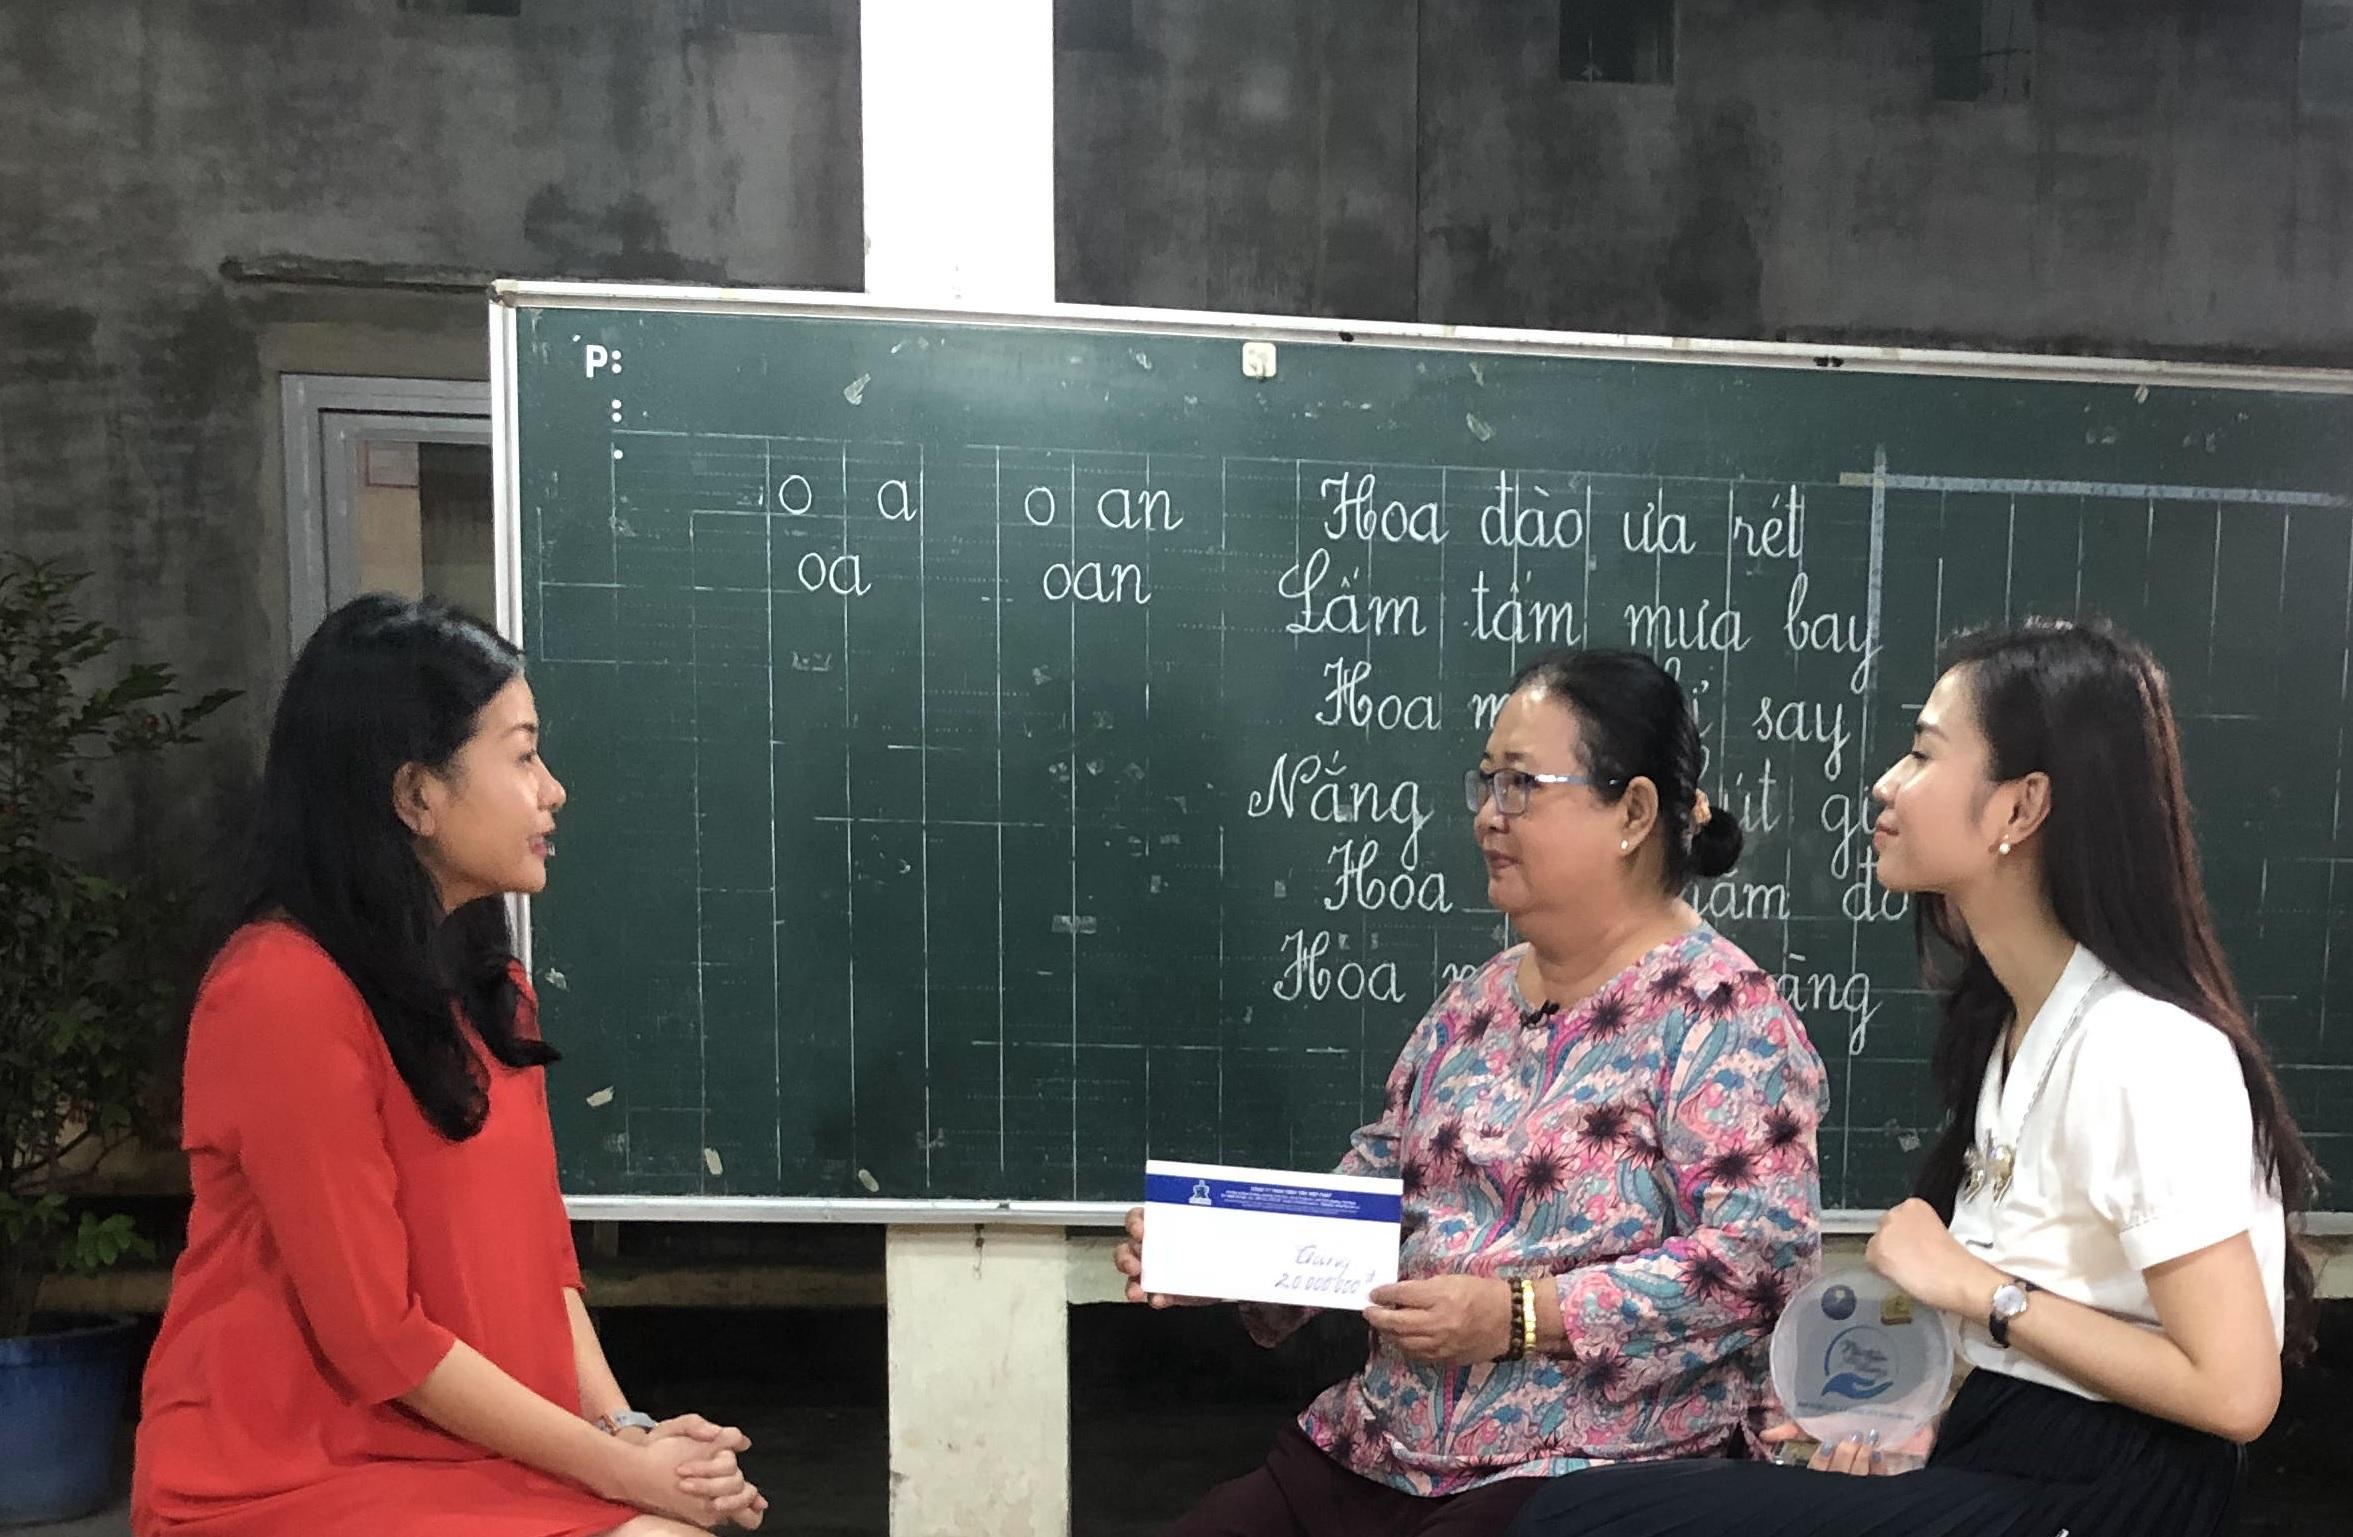 Lớp học đặc biệt của những trẻ em nghèo ở Sài Gòn - Ảnh 3